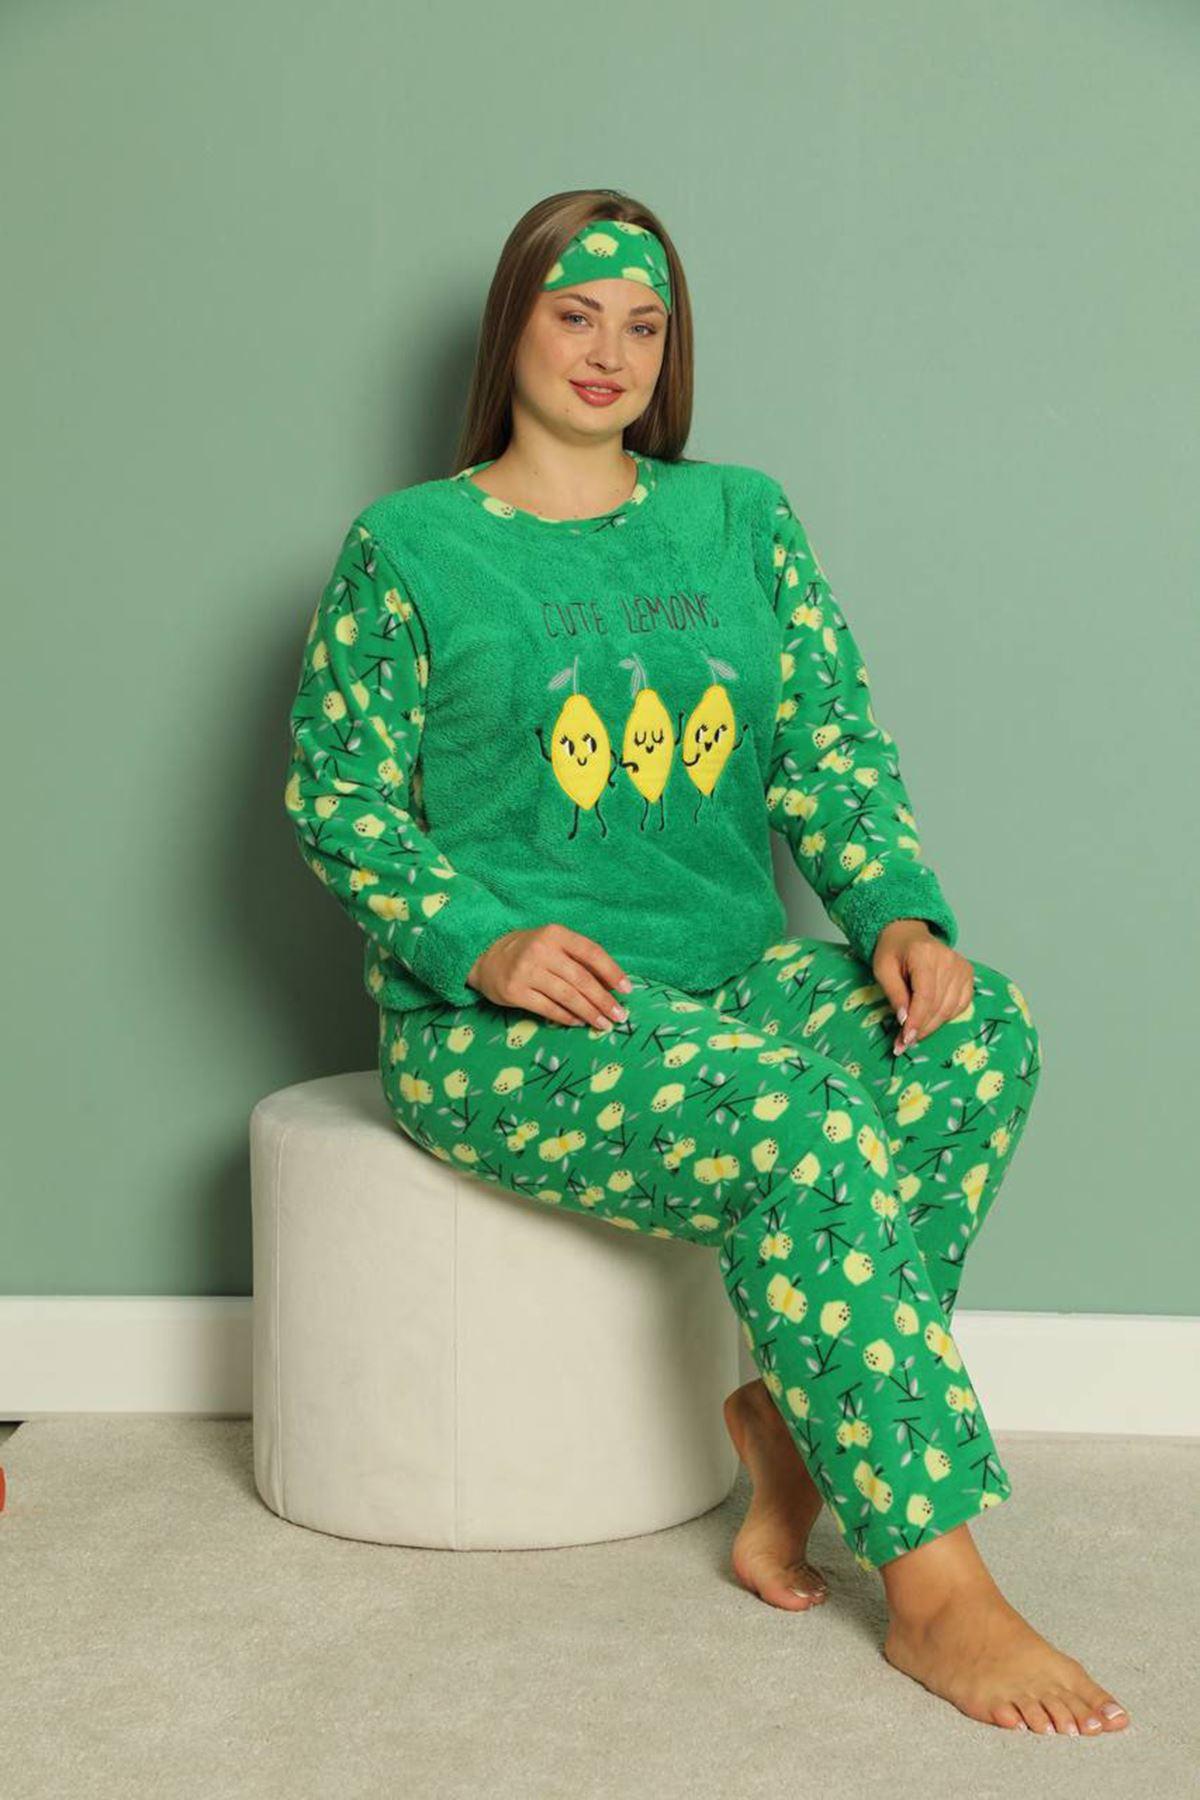 Welsoft Polar Büyük Beden Pijama Takımı 32E-1835